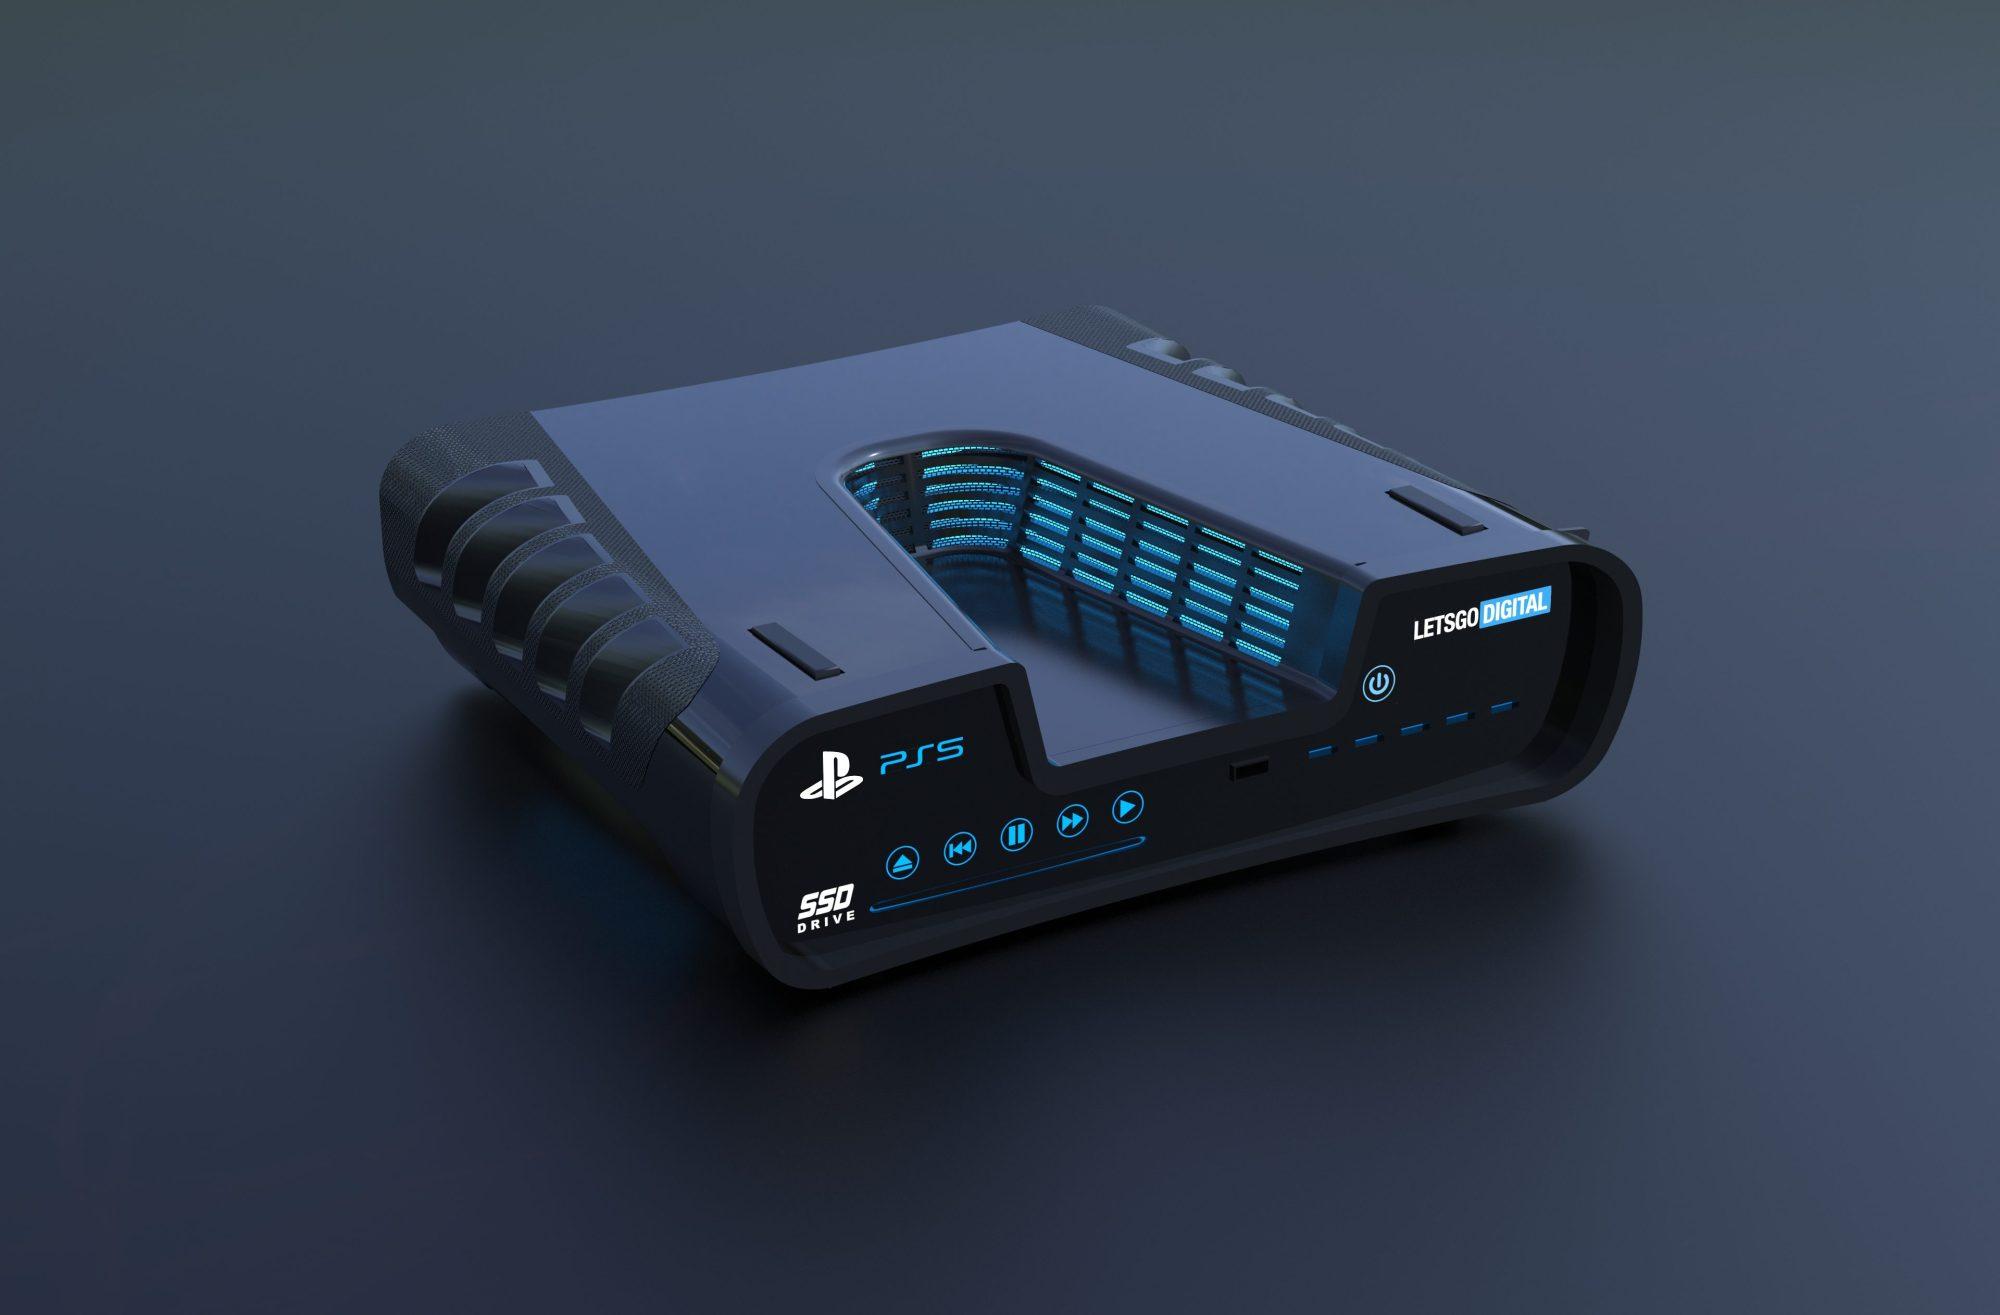 3D-рендер вероятного дизайна PS5, который в 2019 году подготовила редакция сайта LetsGoDigital на основе патентной заявки Sony. Впоследствии выяснилось, что это— дизайн консоли разработчика (development kit) для PS5